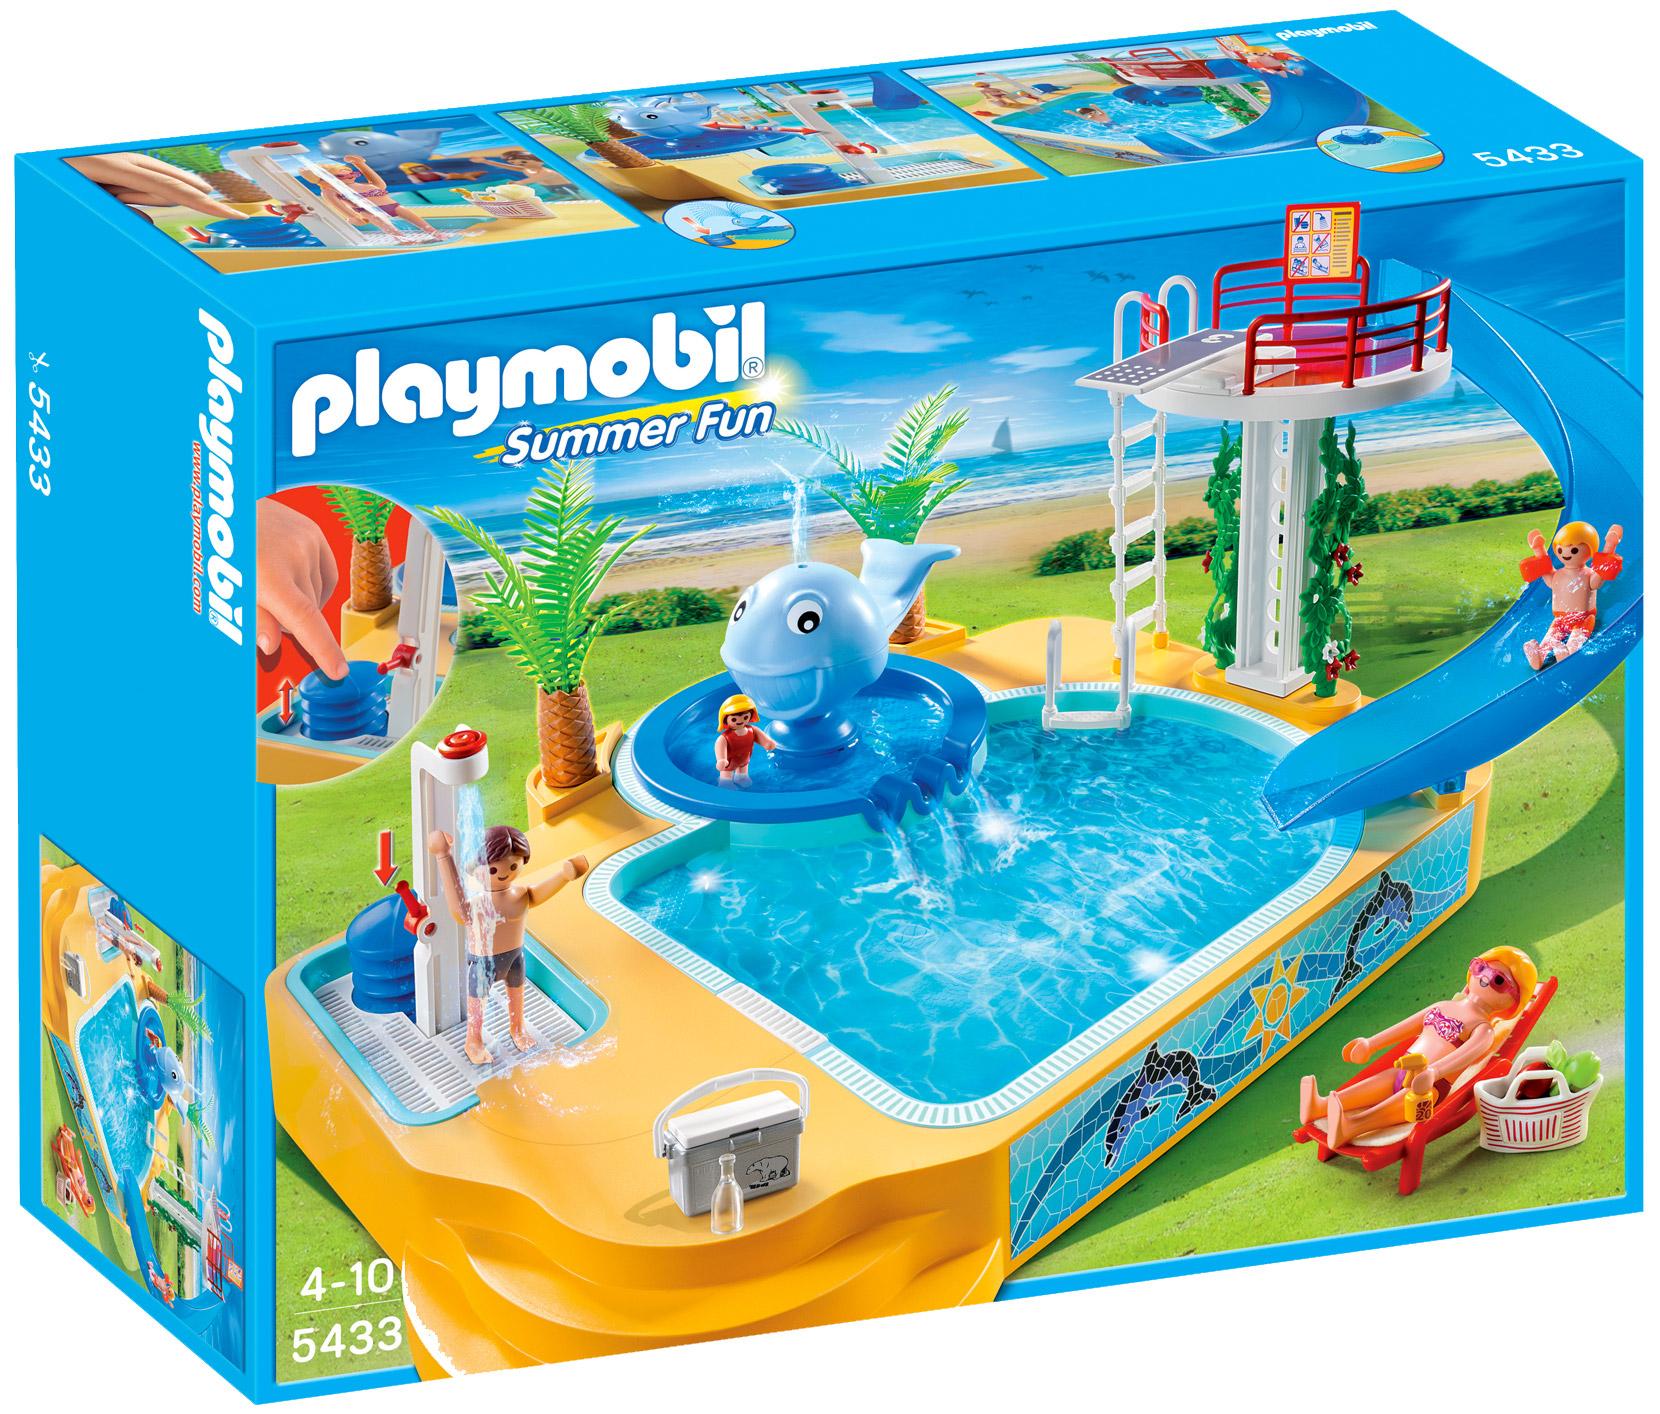 Playmobil summer fun 5433 pas cher famille avec piscine for Piscine plongeoir